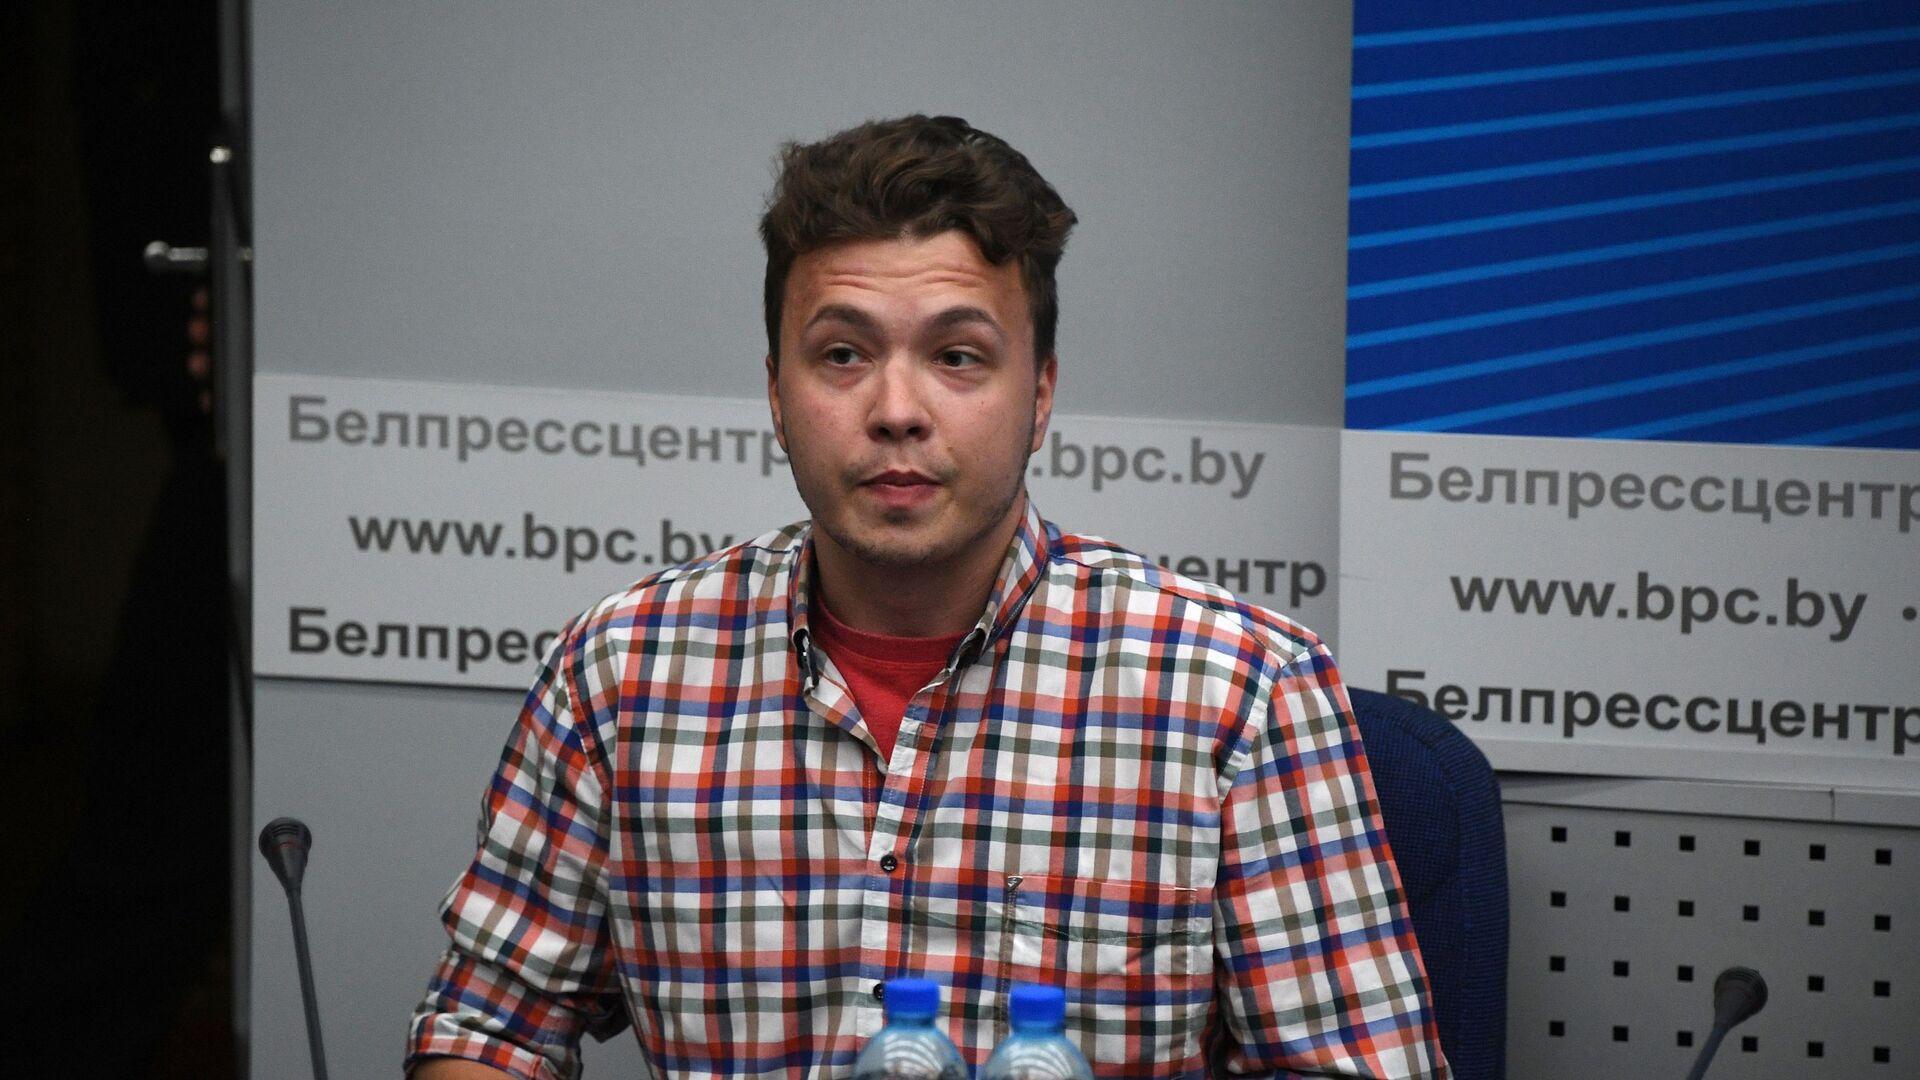 Běloruský opoziční aktivista Roman Protasevič - Sputnik Česká republika, 1920, 25.06.2021